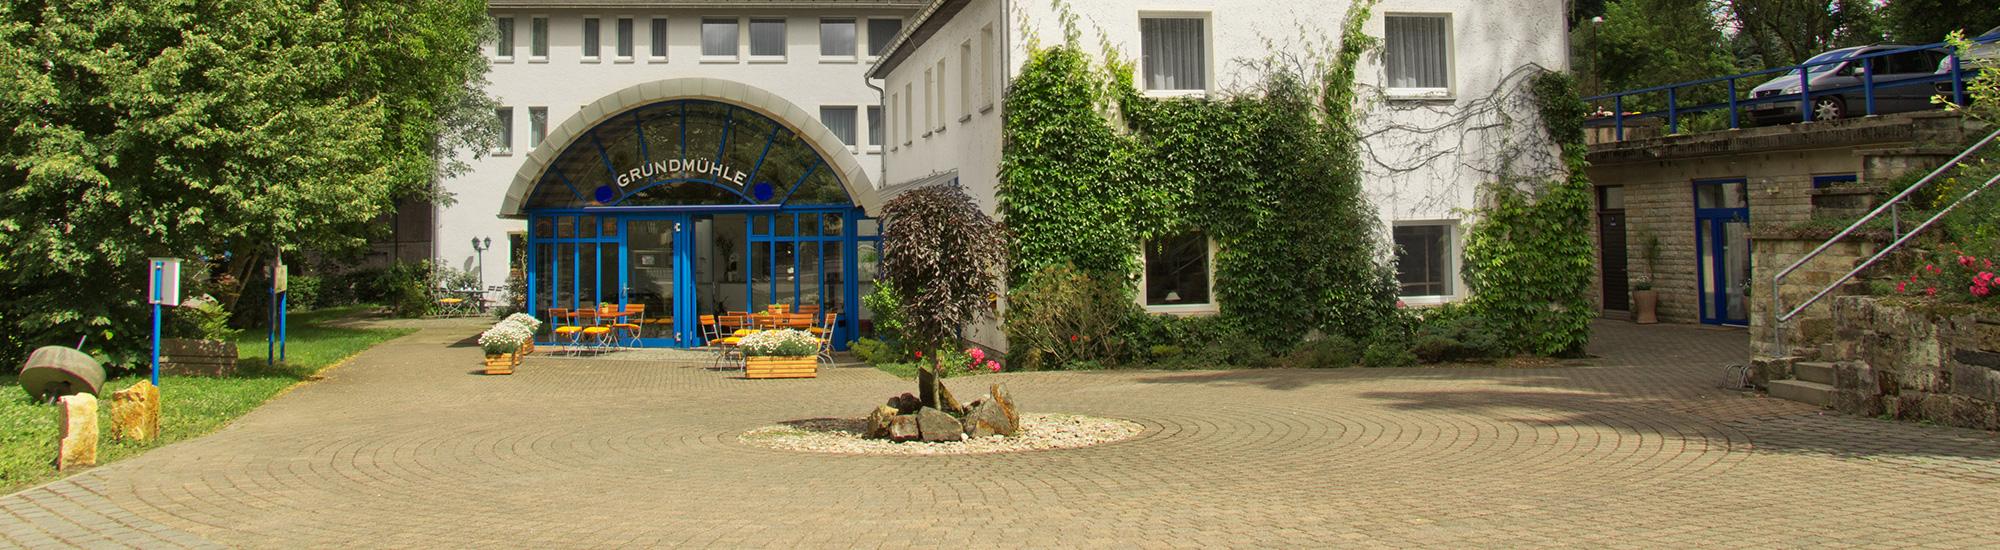 Hotel Grundmühle in Bad Schandau